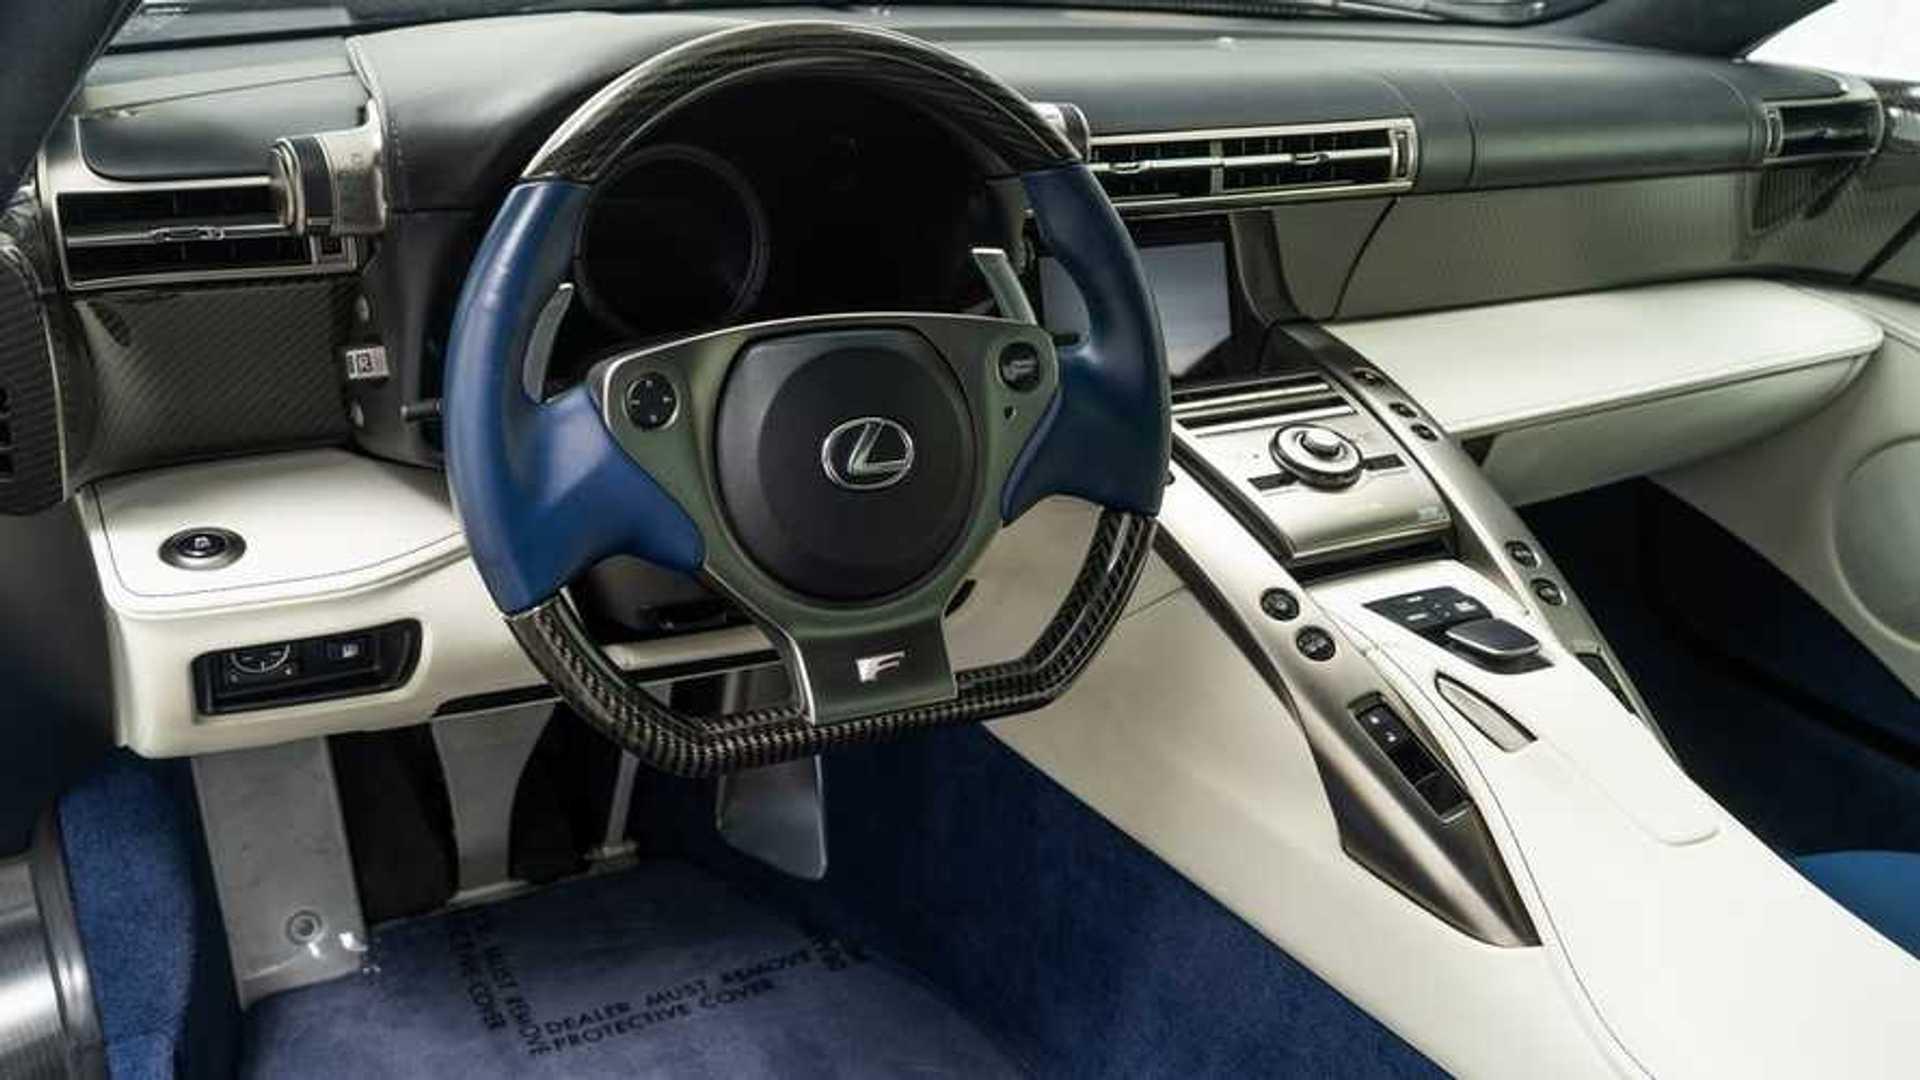 Paris Hilton Lexus LFA For Sale